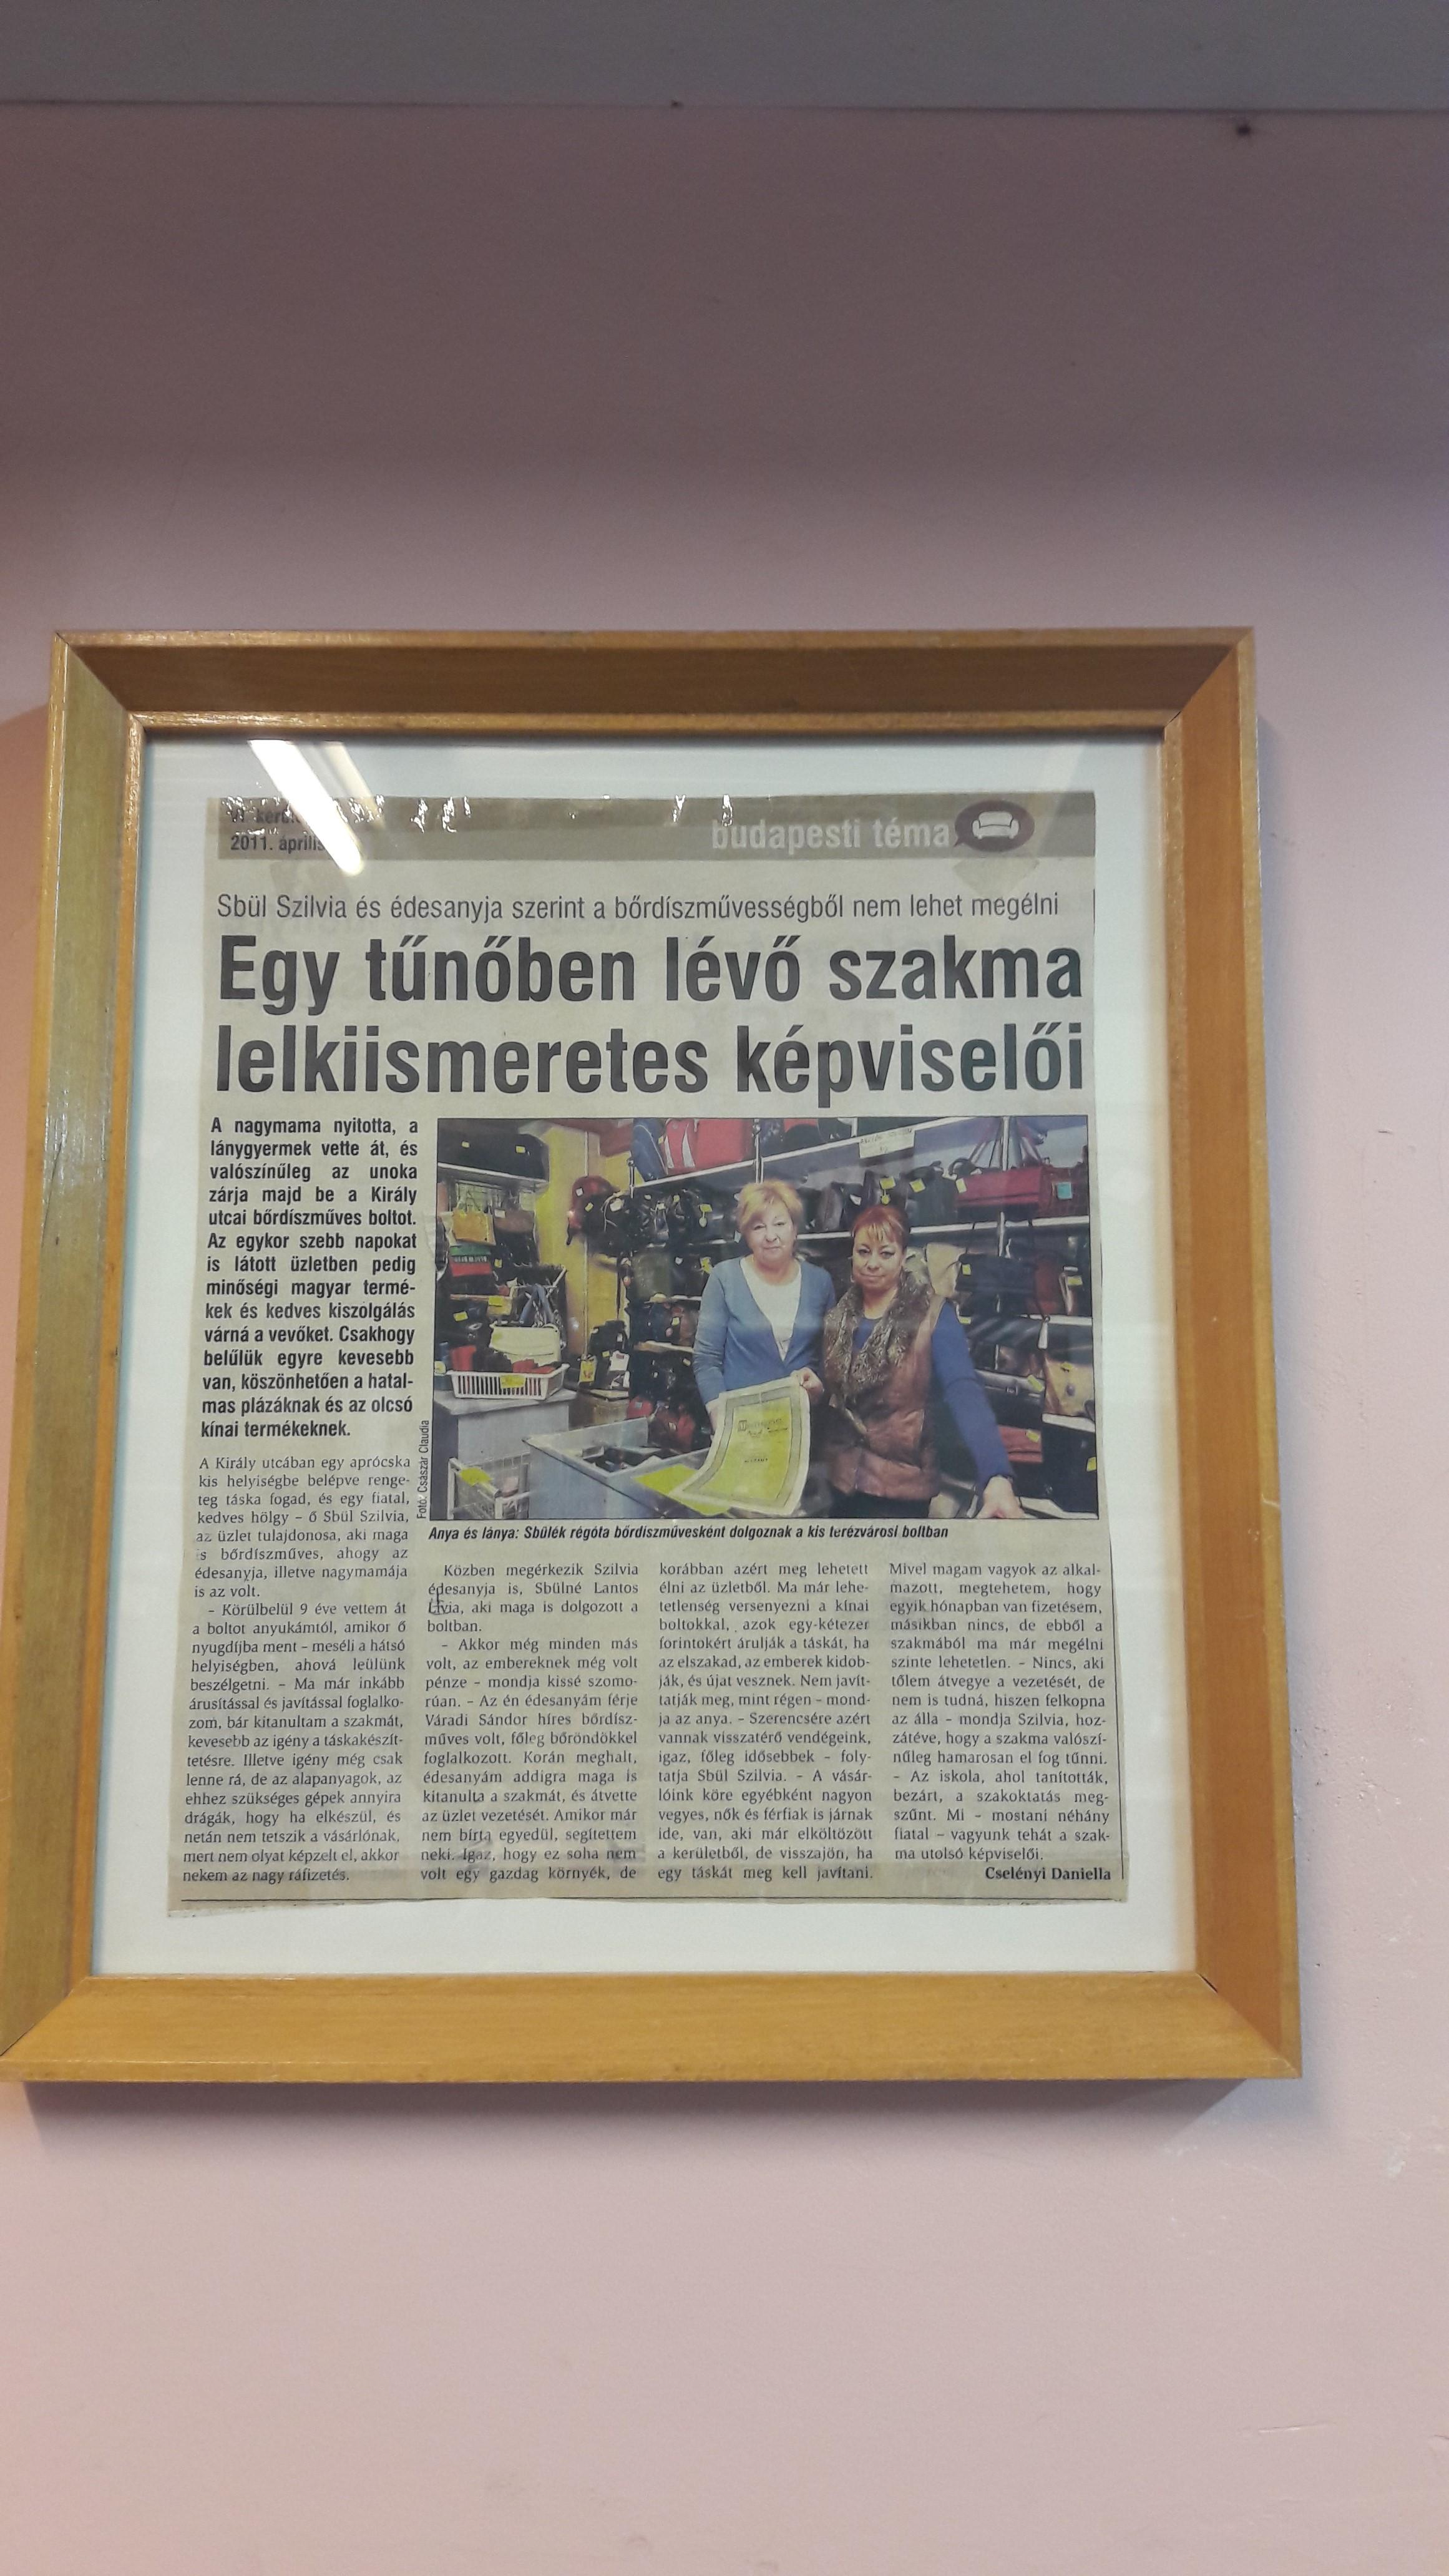 Bőrdíszmű Üzlet Budapest, Táska webshop, Táskajavítás Király utca